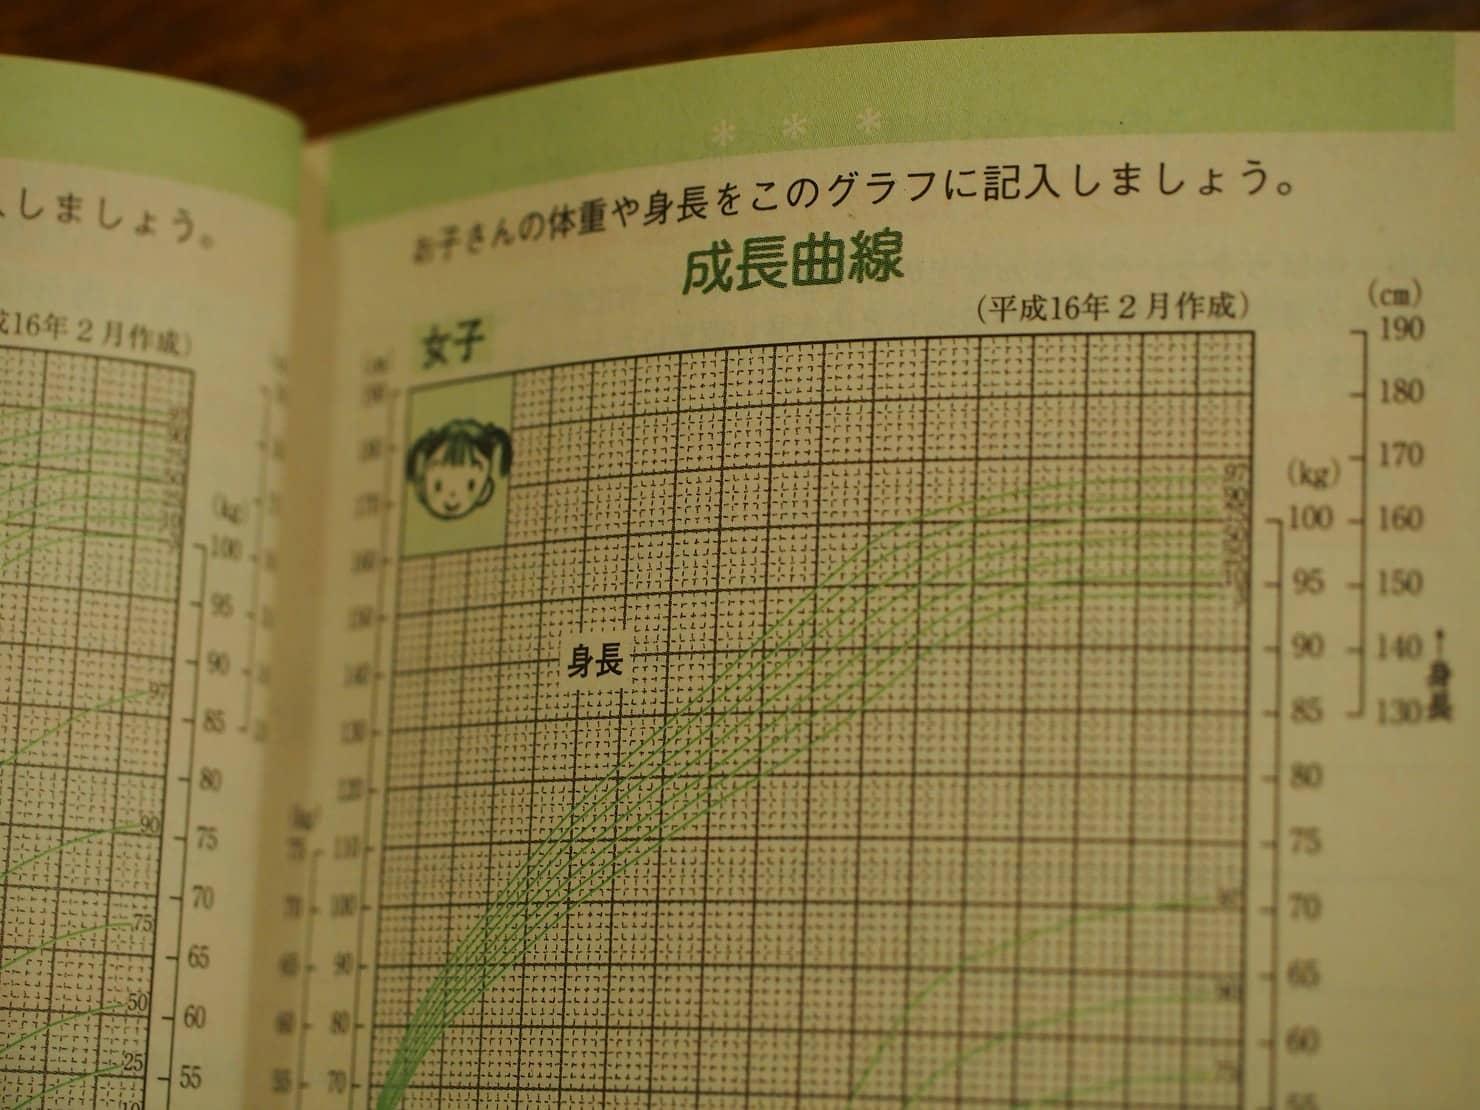 0歳~6歳の赤ちゃん、幼児の平均身長と体重は? 小学校に上がるまでの子供の成長の目安を紹介!